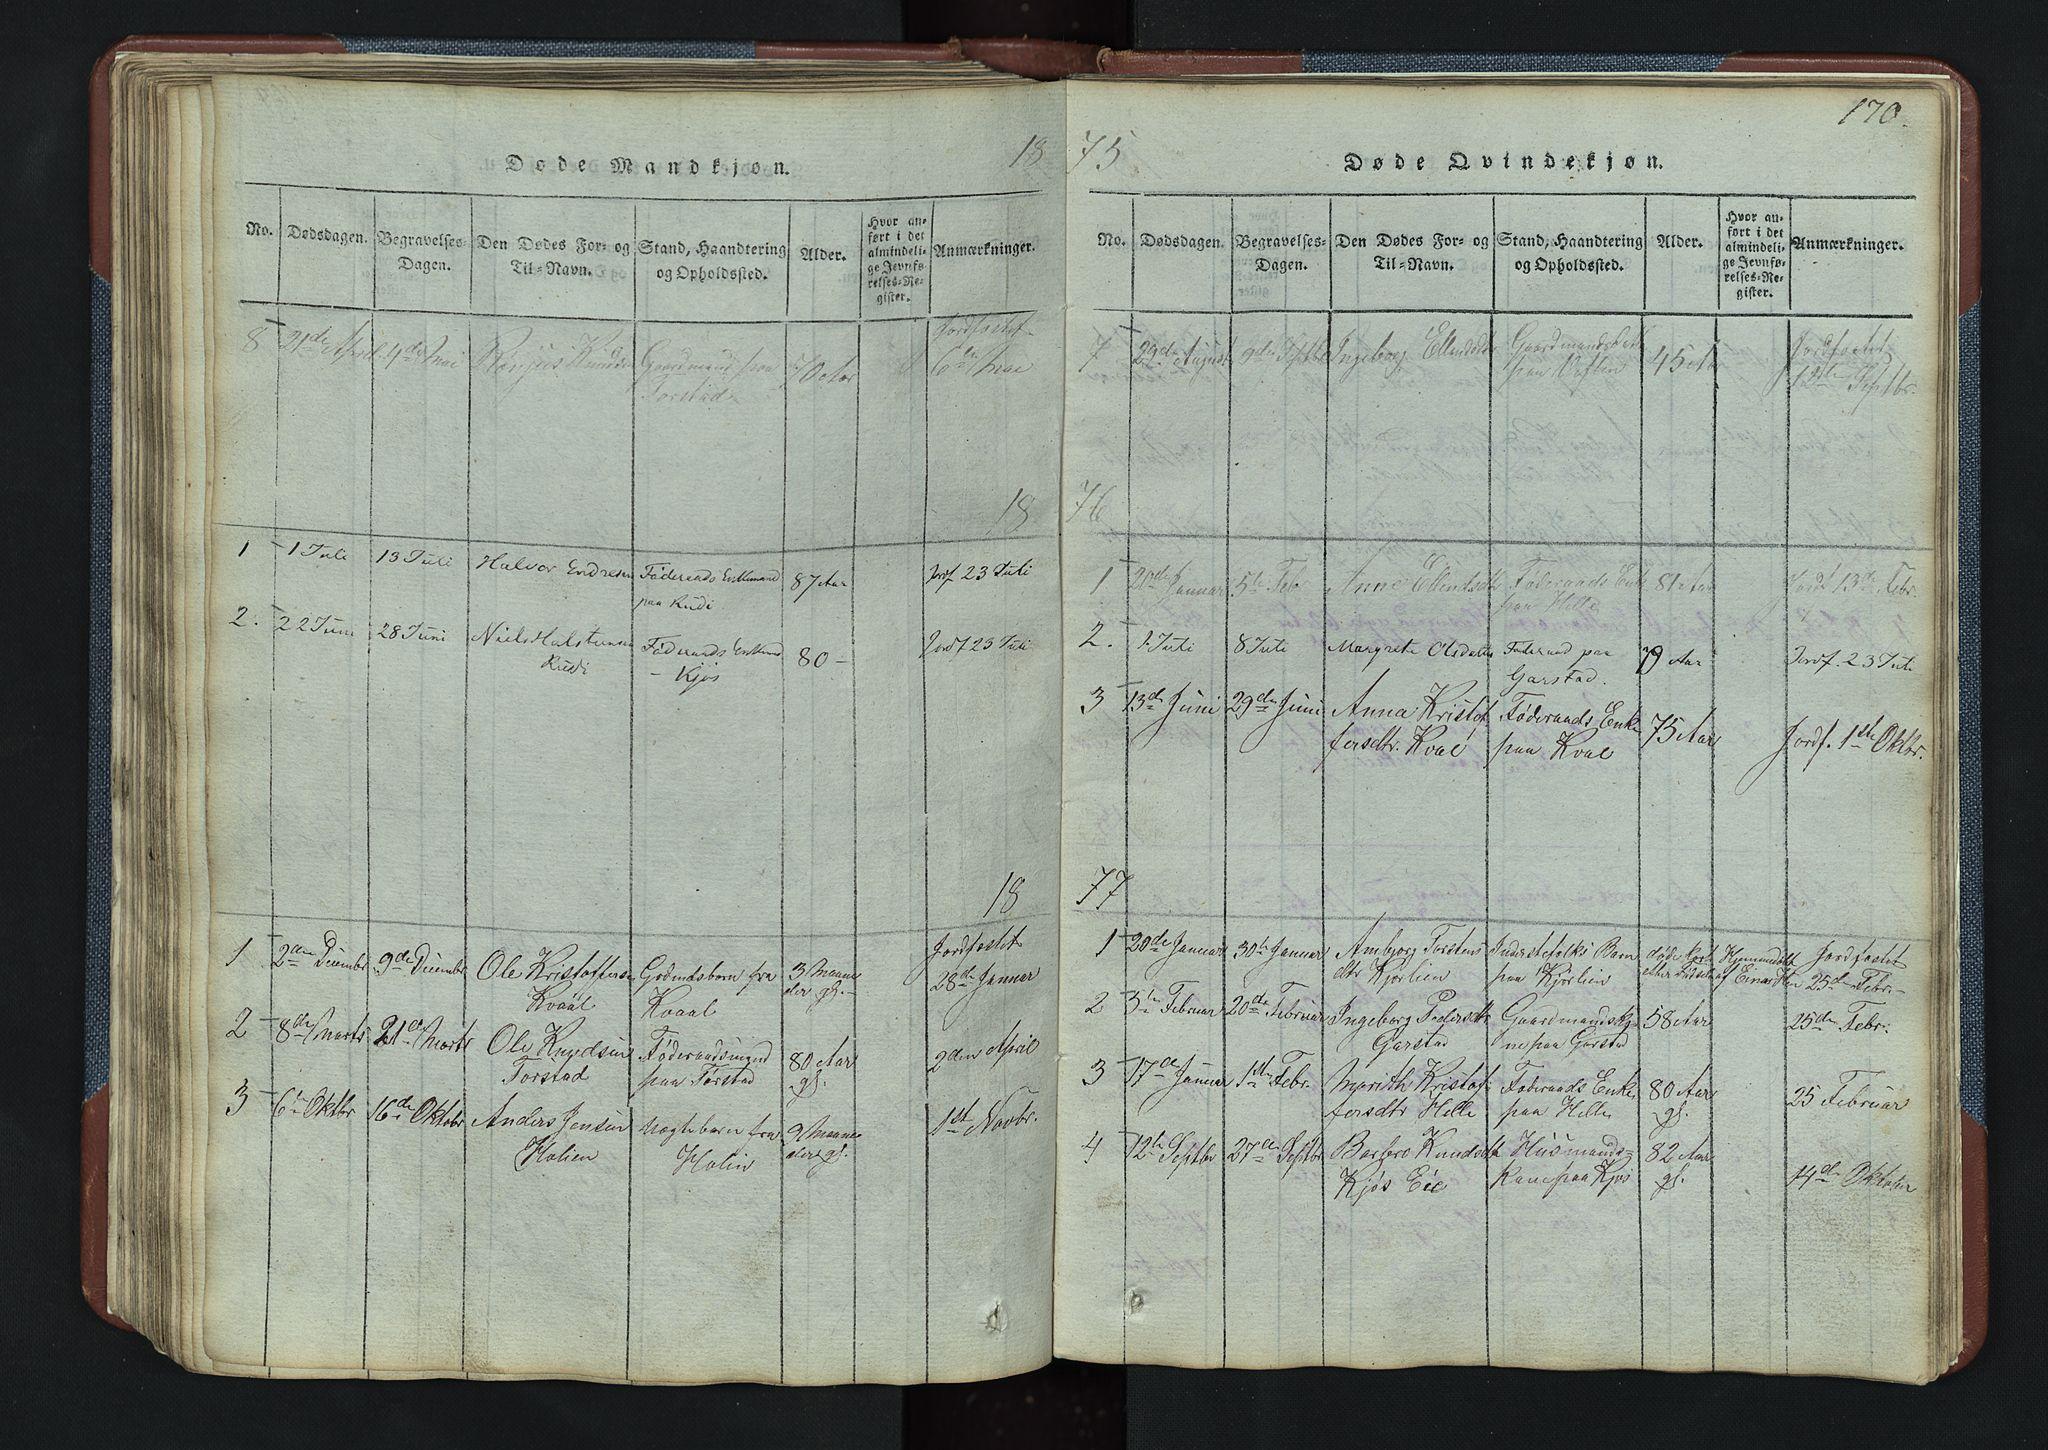 SAH, Vang prestekontor, Valdres, Klokkerbok nr. 3, 1814-1892, s. 170